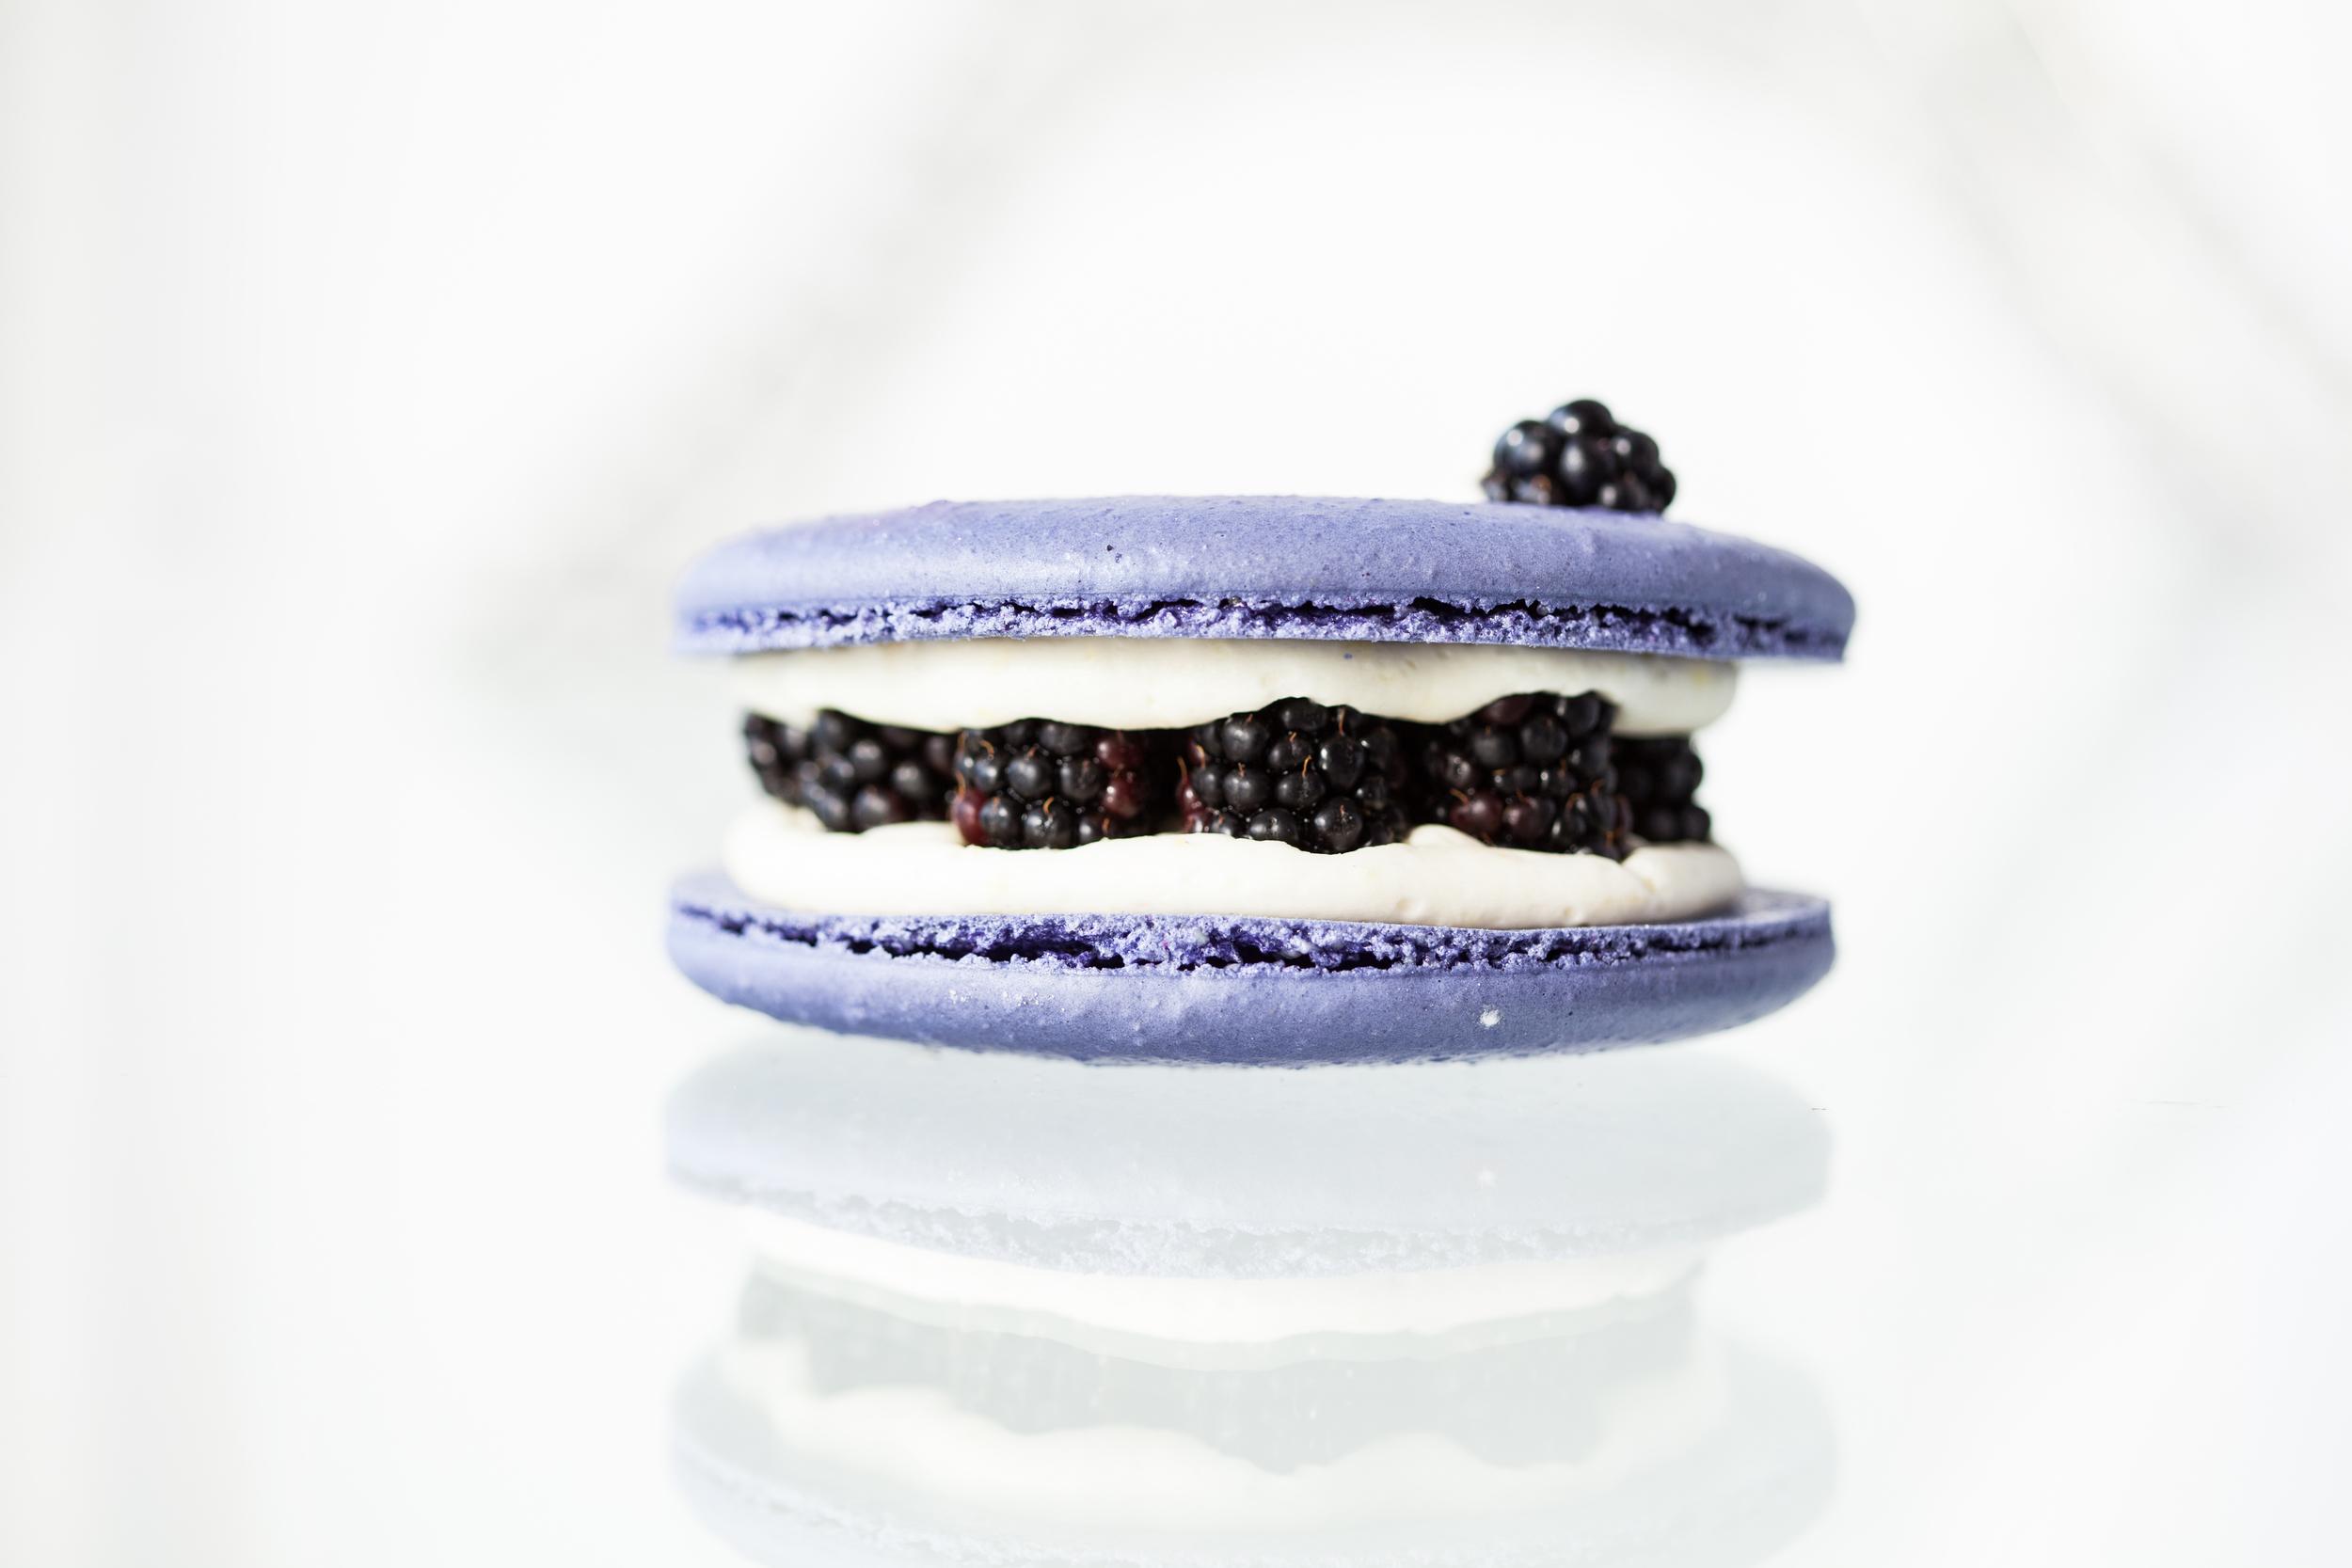 A lightly lavender shell with fresh blackberries in a lemon buttercream.